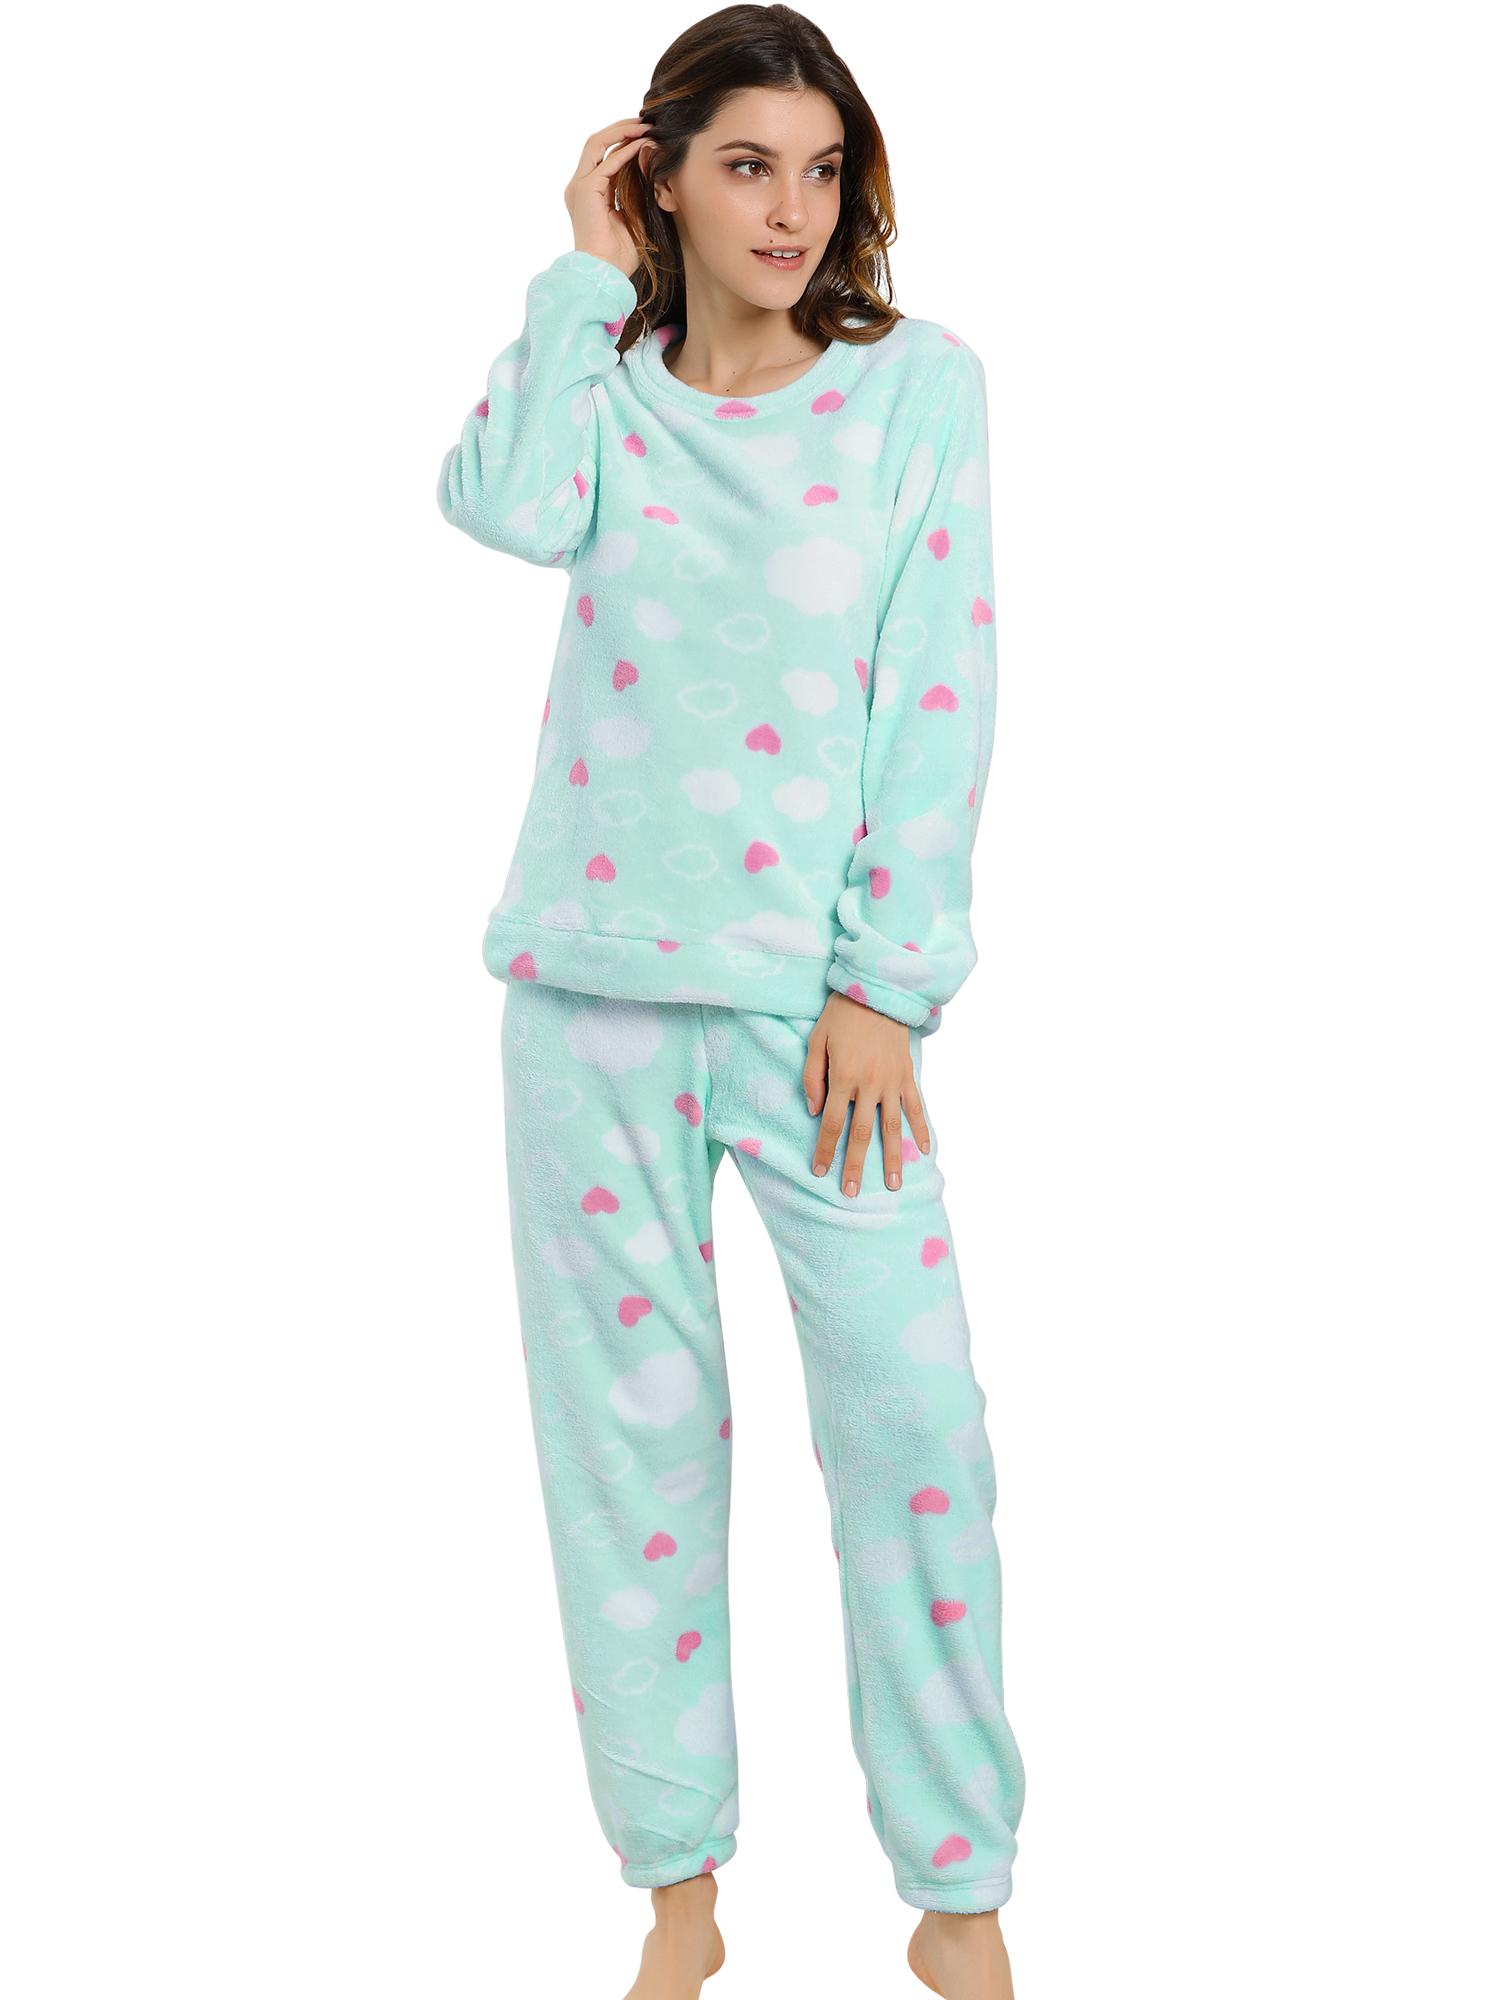 Winter Flannel Pajama Sets for Women Long Sleeve Nightwear X-Large Heart Blue